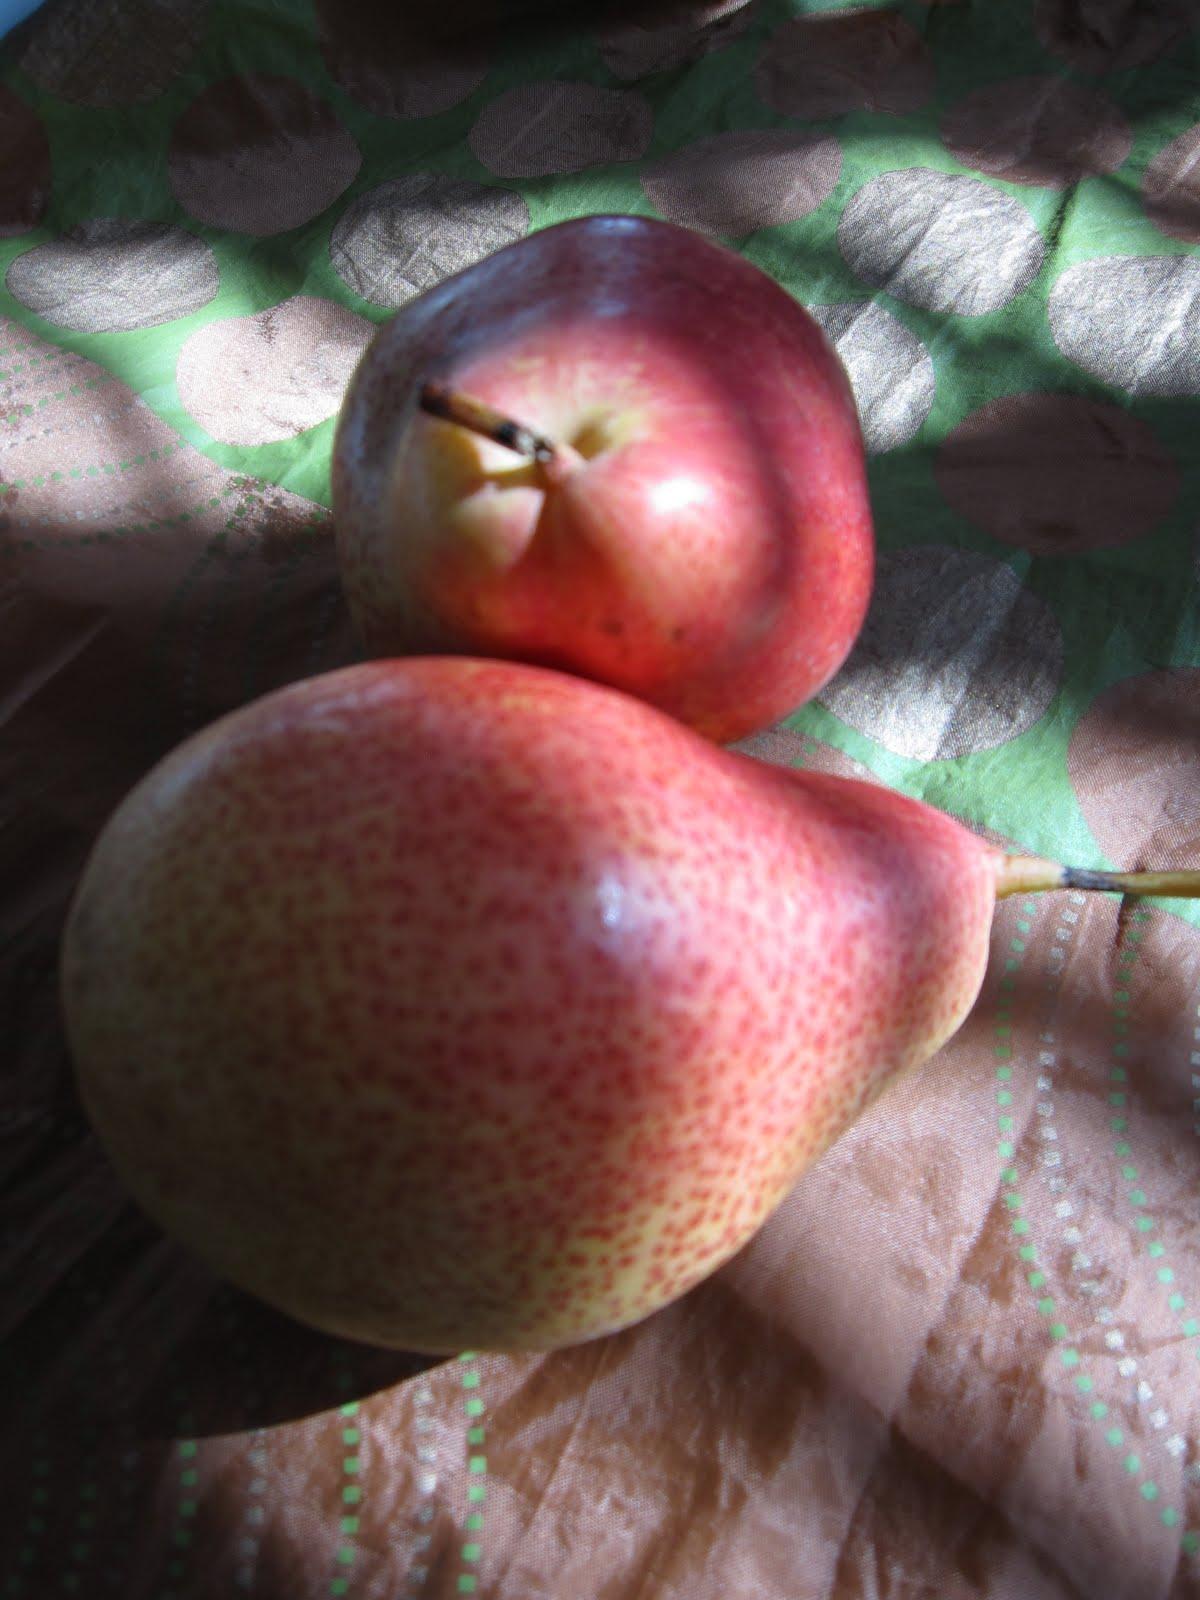 http://1.bp.blogspot.com/_g09CYhYht8Q/TEtl62V861I/AAAAAAAABNM/OLJ7uKvc3-8/s1600/Nottinghill+Mkt+Pears.jpg